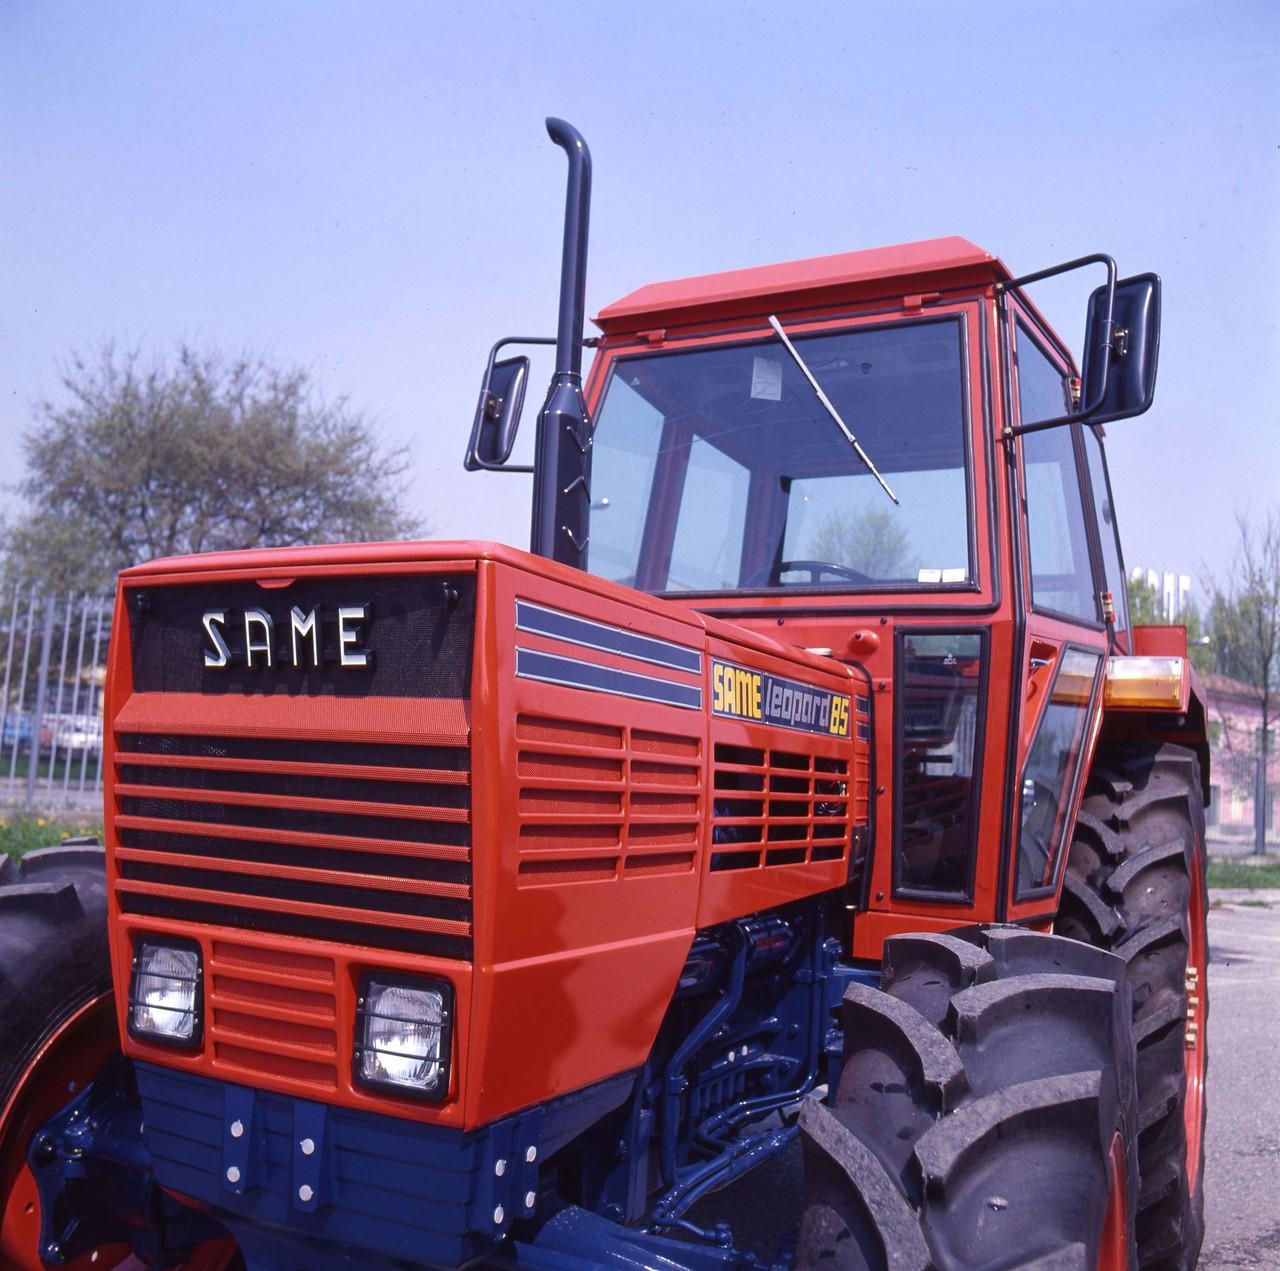 [SAME] trattore Leopard 85 con cabina presso lo stabilimento di Treviglio